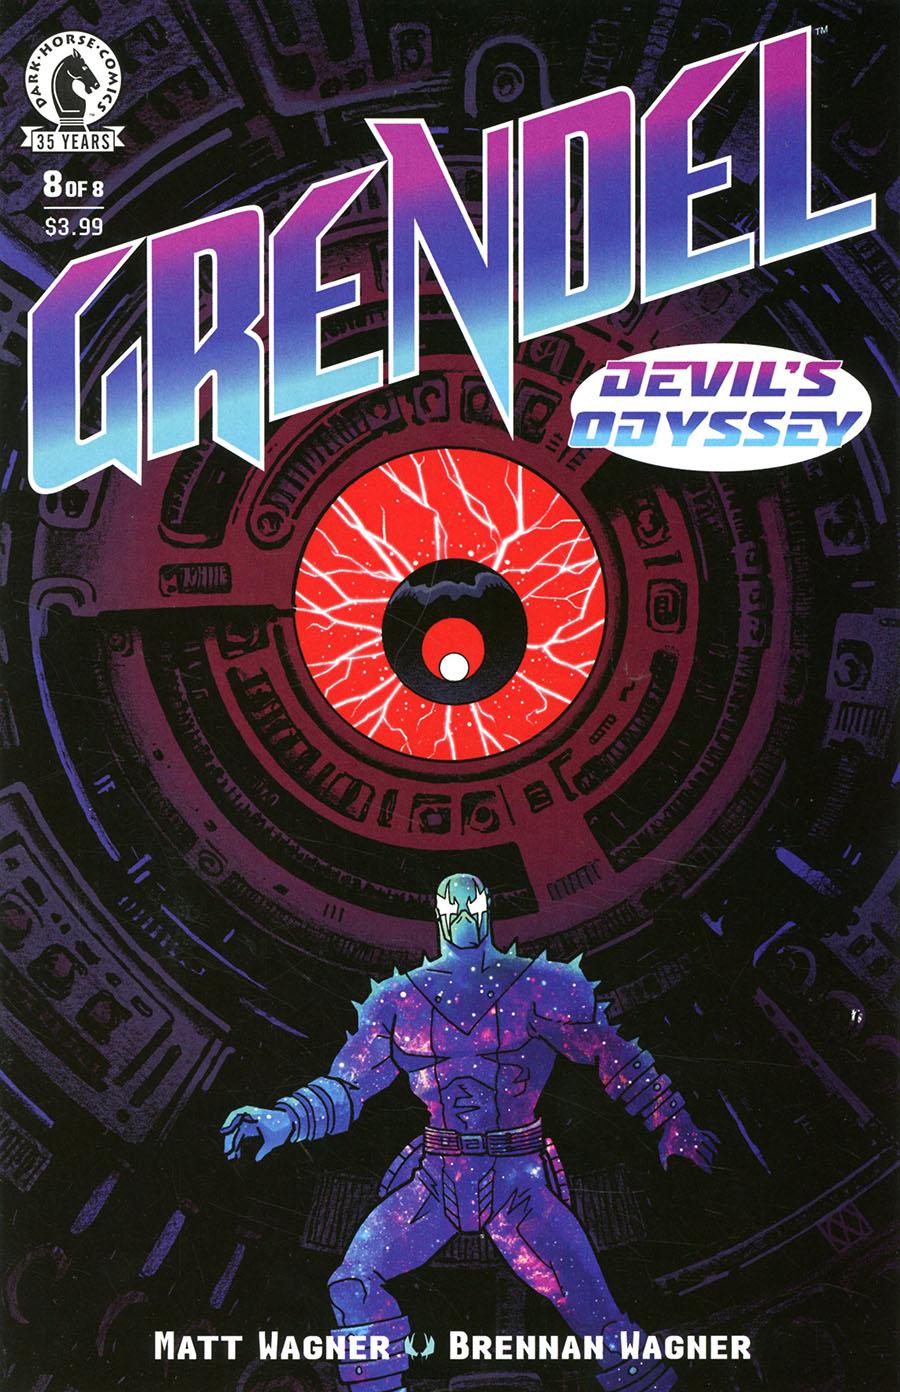 Grendel Devils Odyssey #8 Cover A Regular Matt Wagner Cover